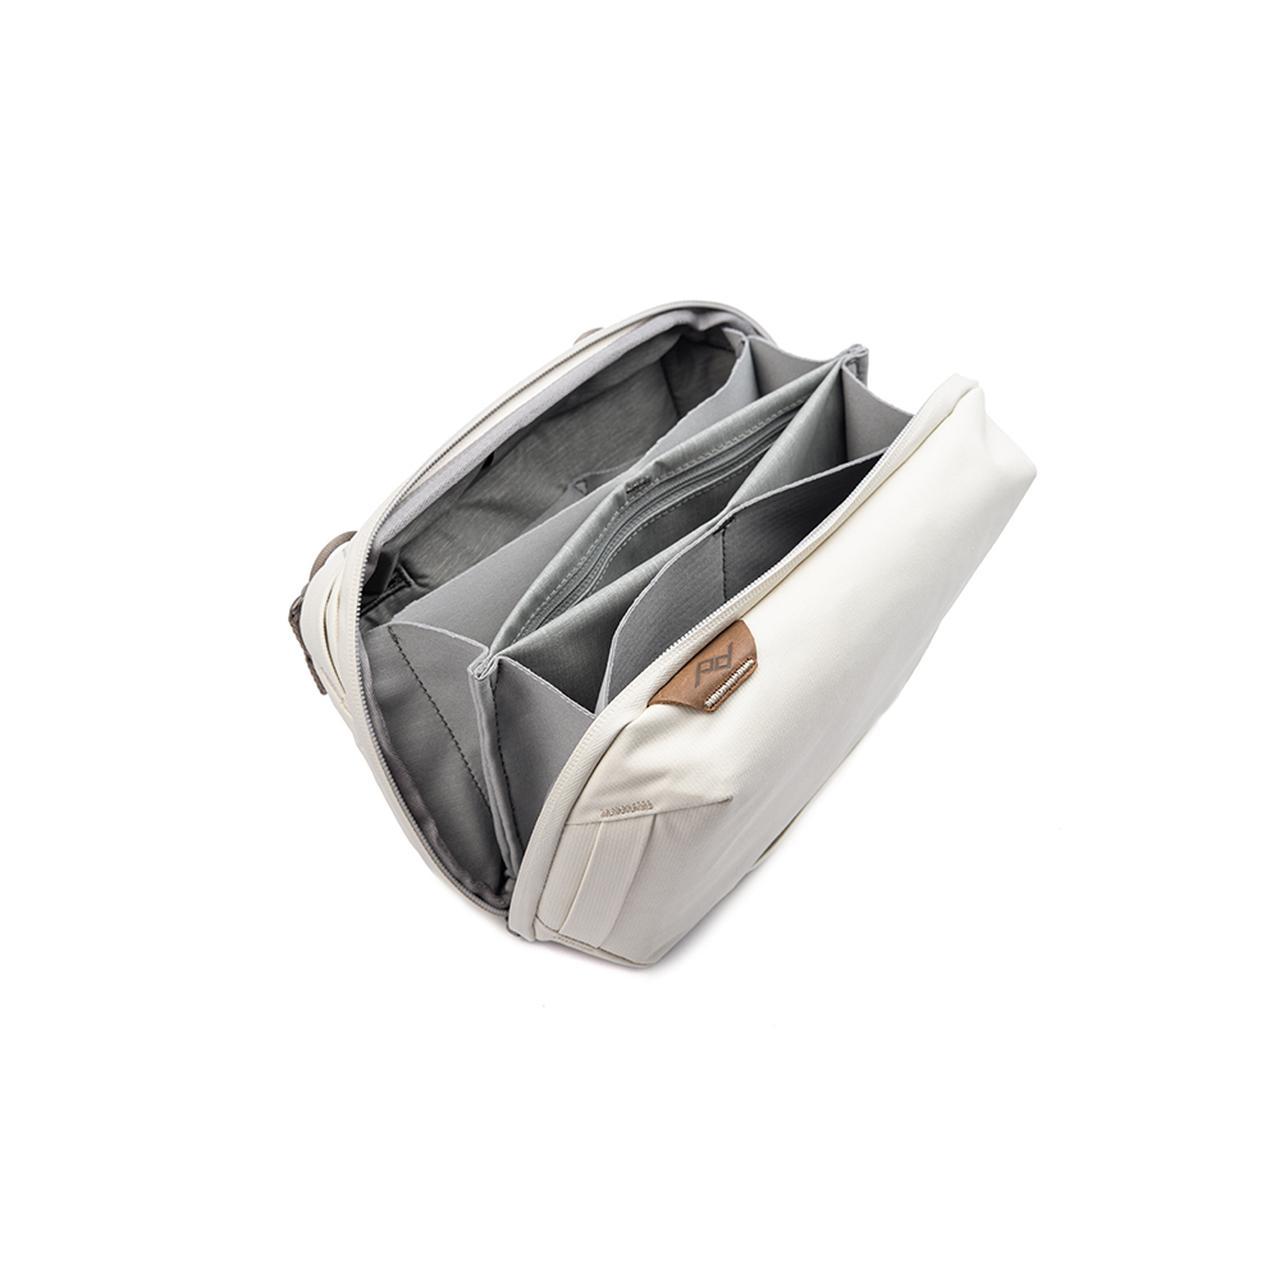 画像2: 銀一はPeakDesign「Tech Pouch(テクポーチ)」の新色を発表。発売は2020年12月11日。